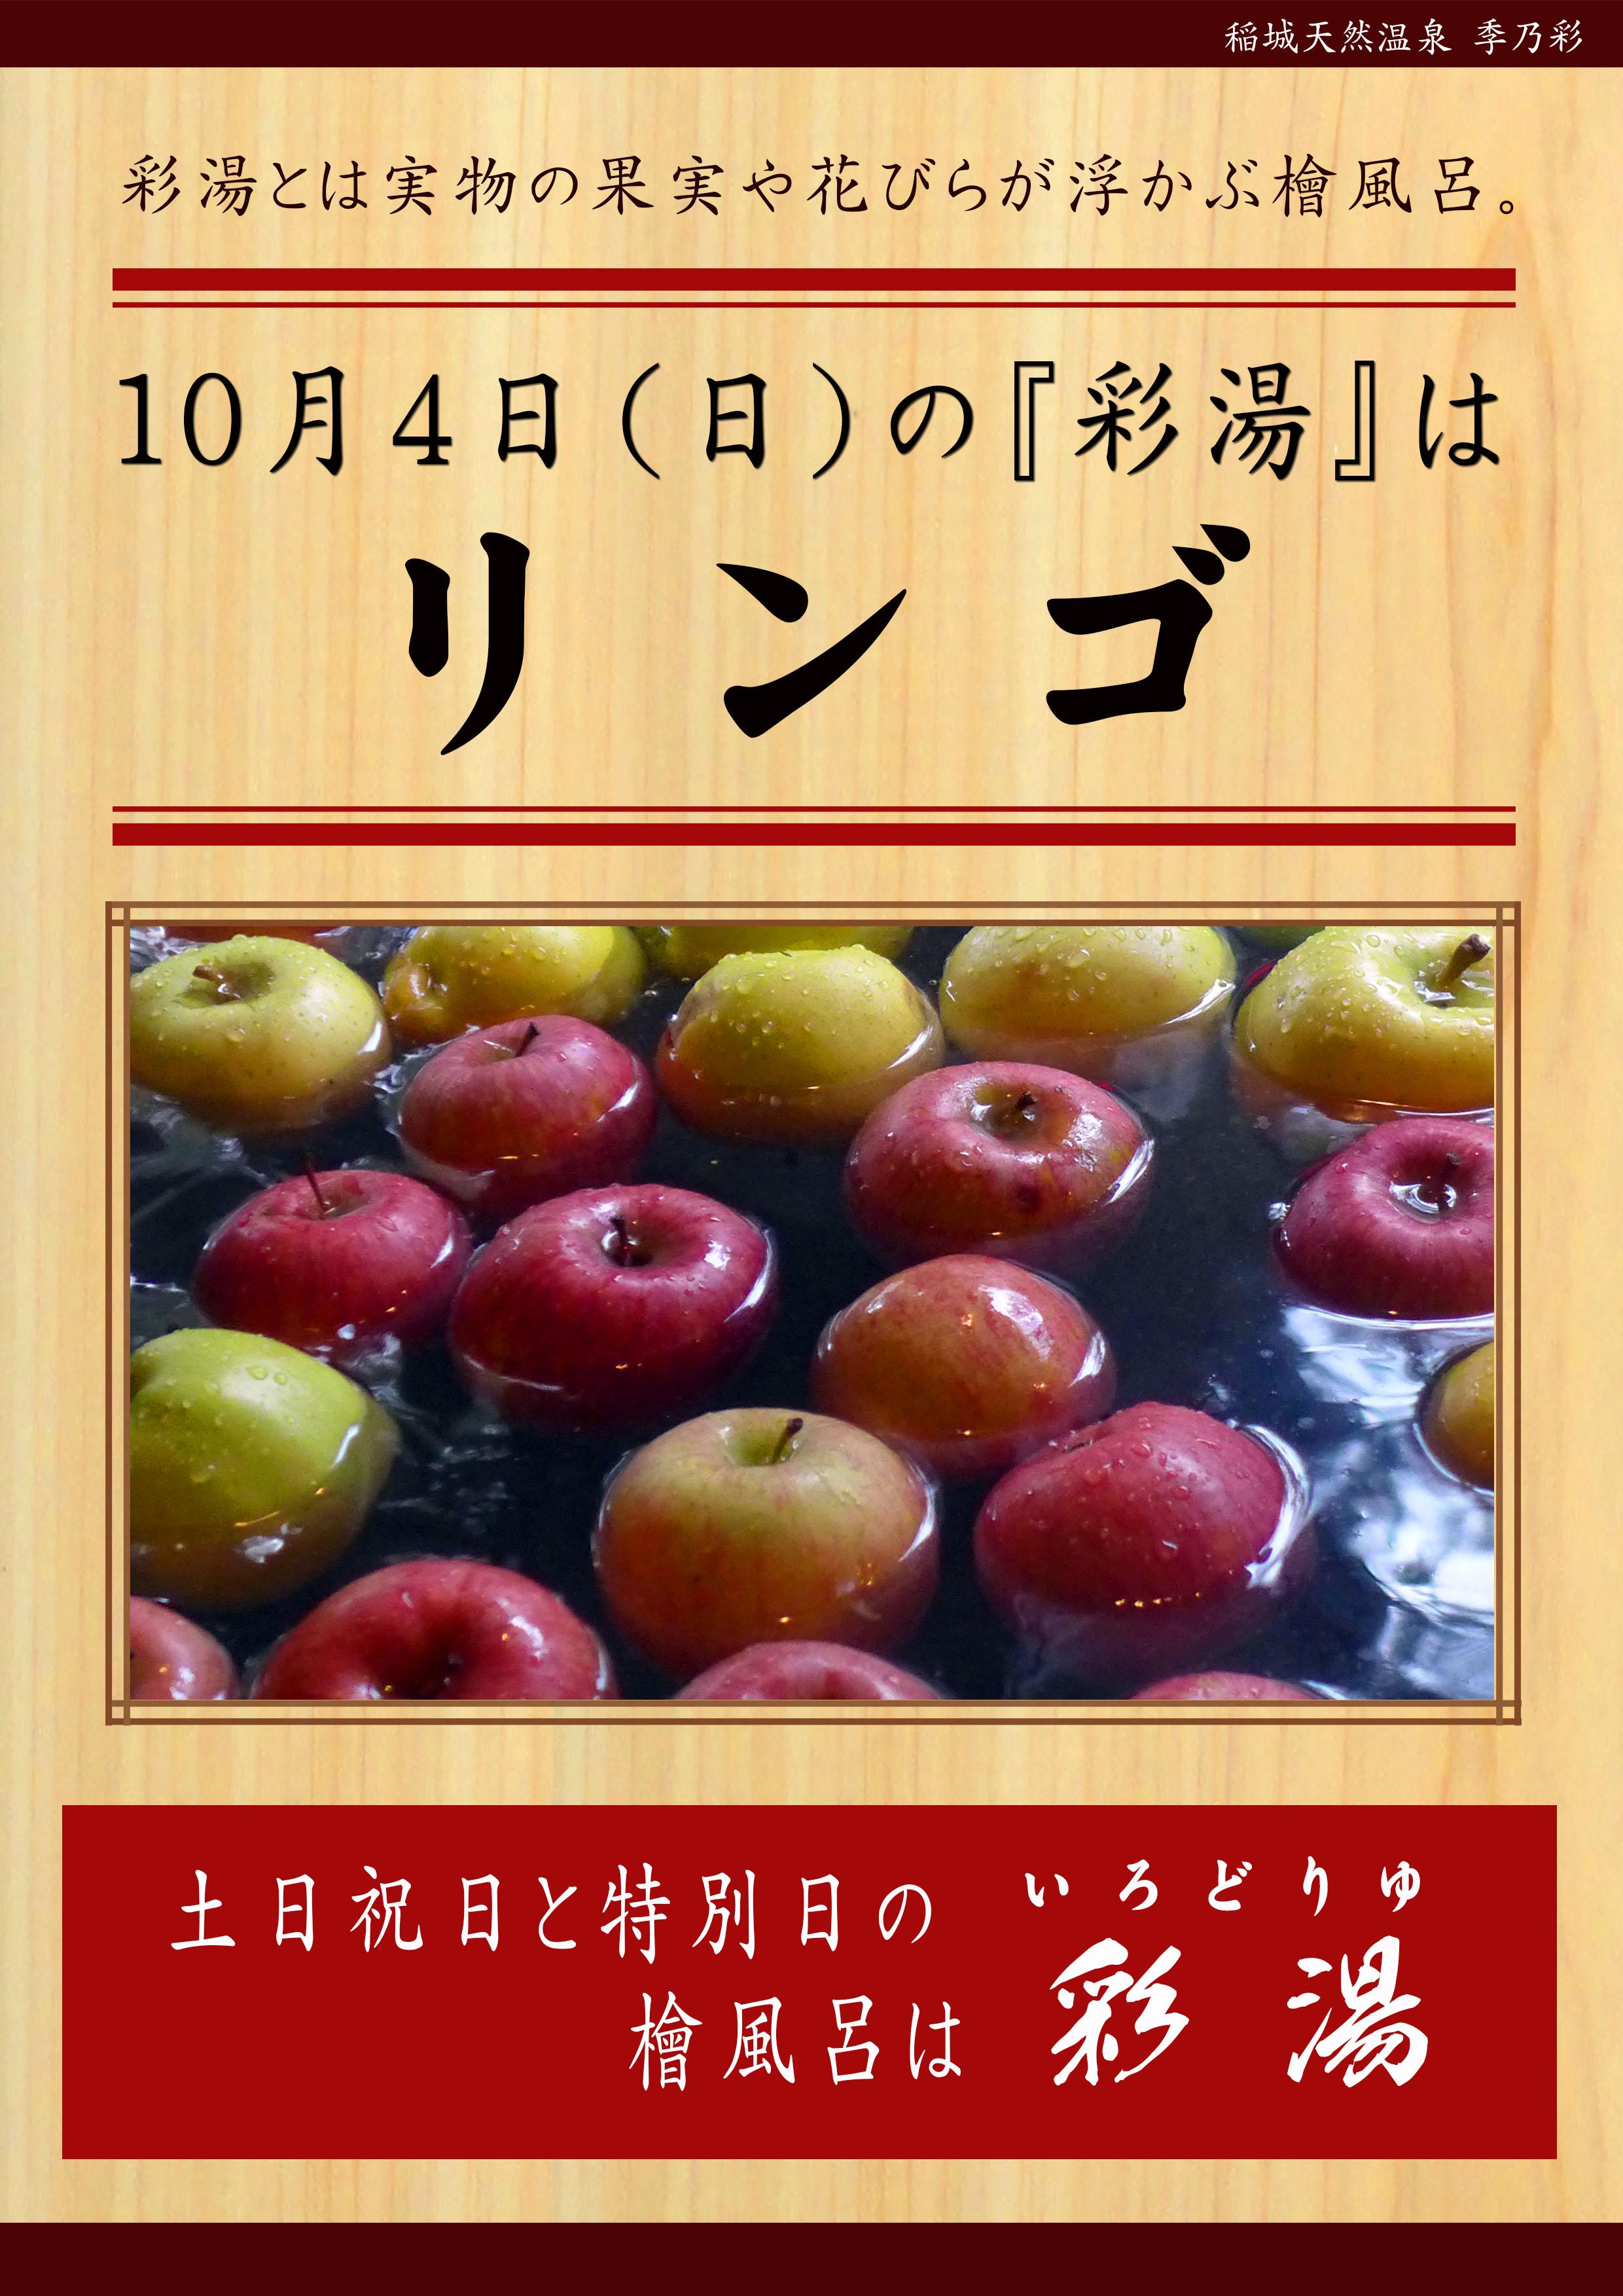 201004 POP イベント 彩湯 リンゴ